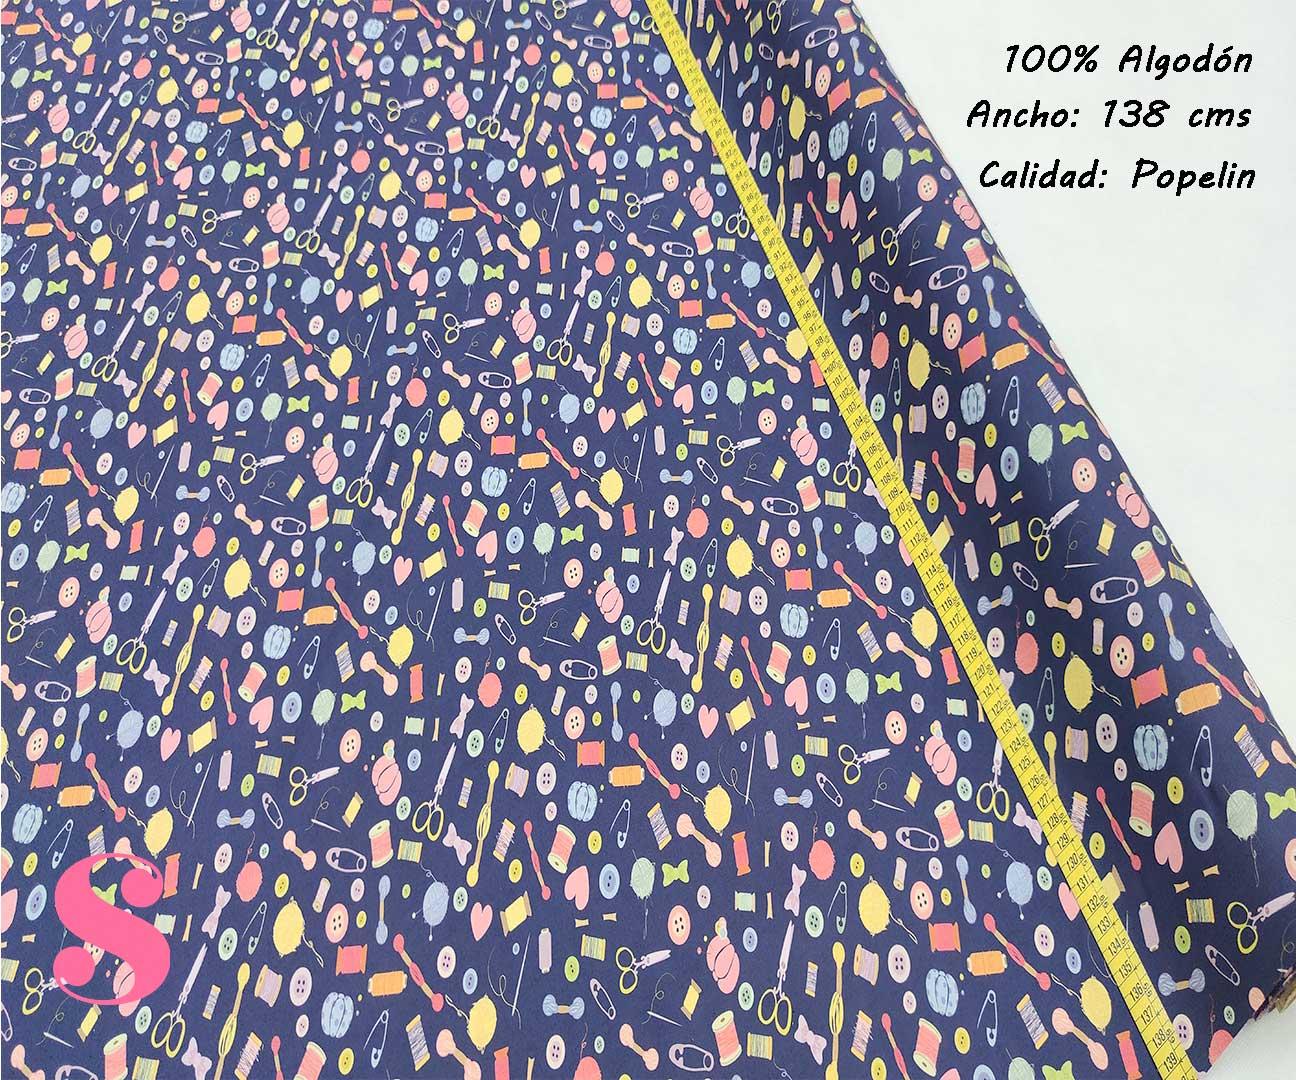 269-motivos-costura-marino-tejidos-algodón-estampado-popelin,Tejido Estampado Costura Azul